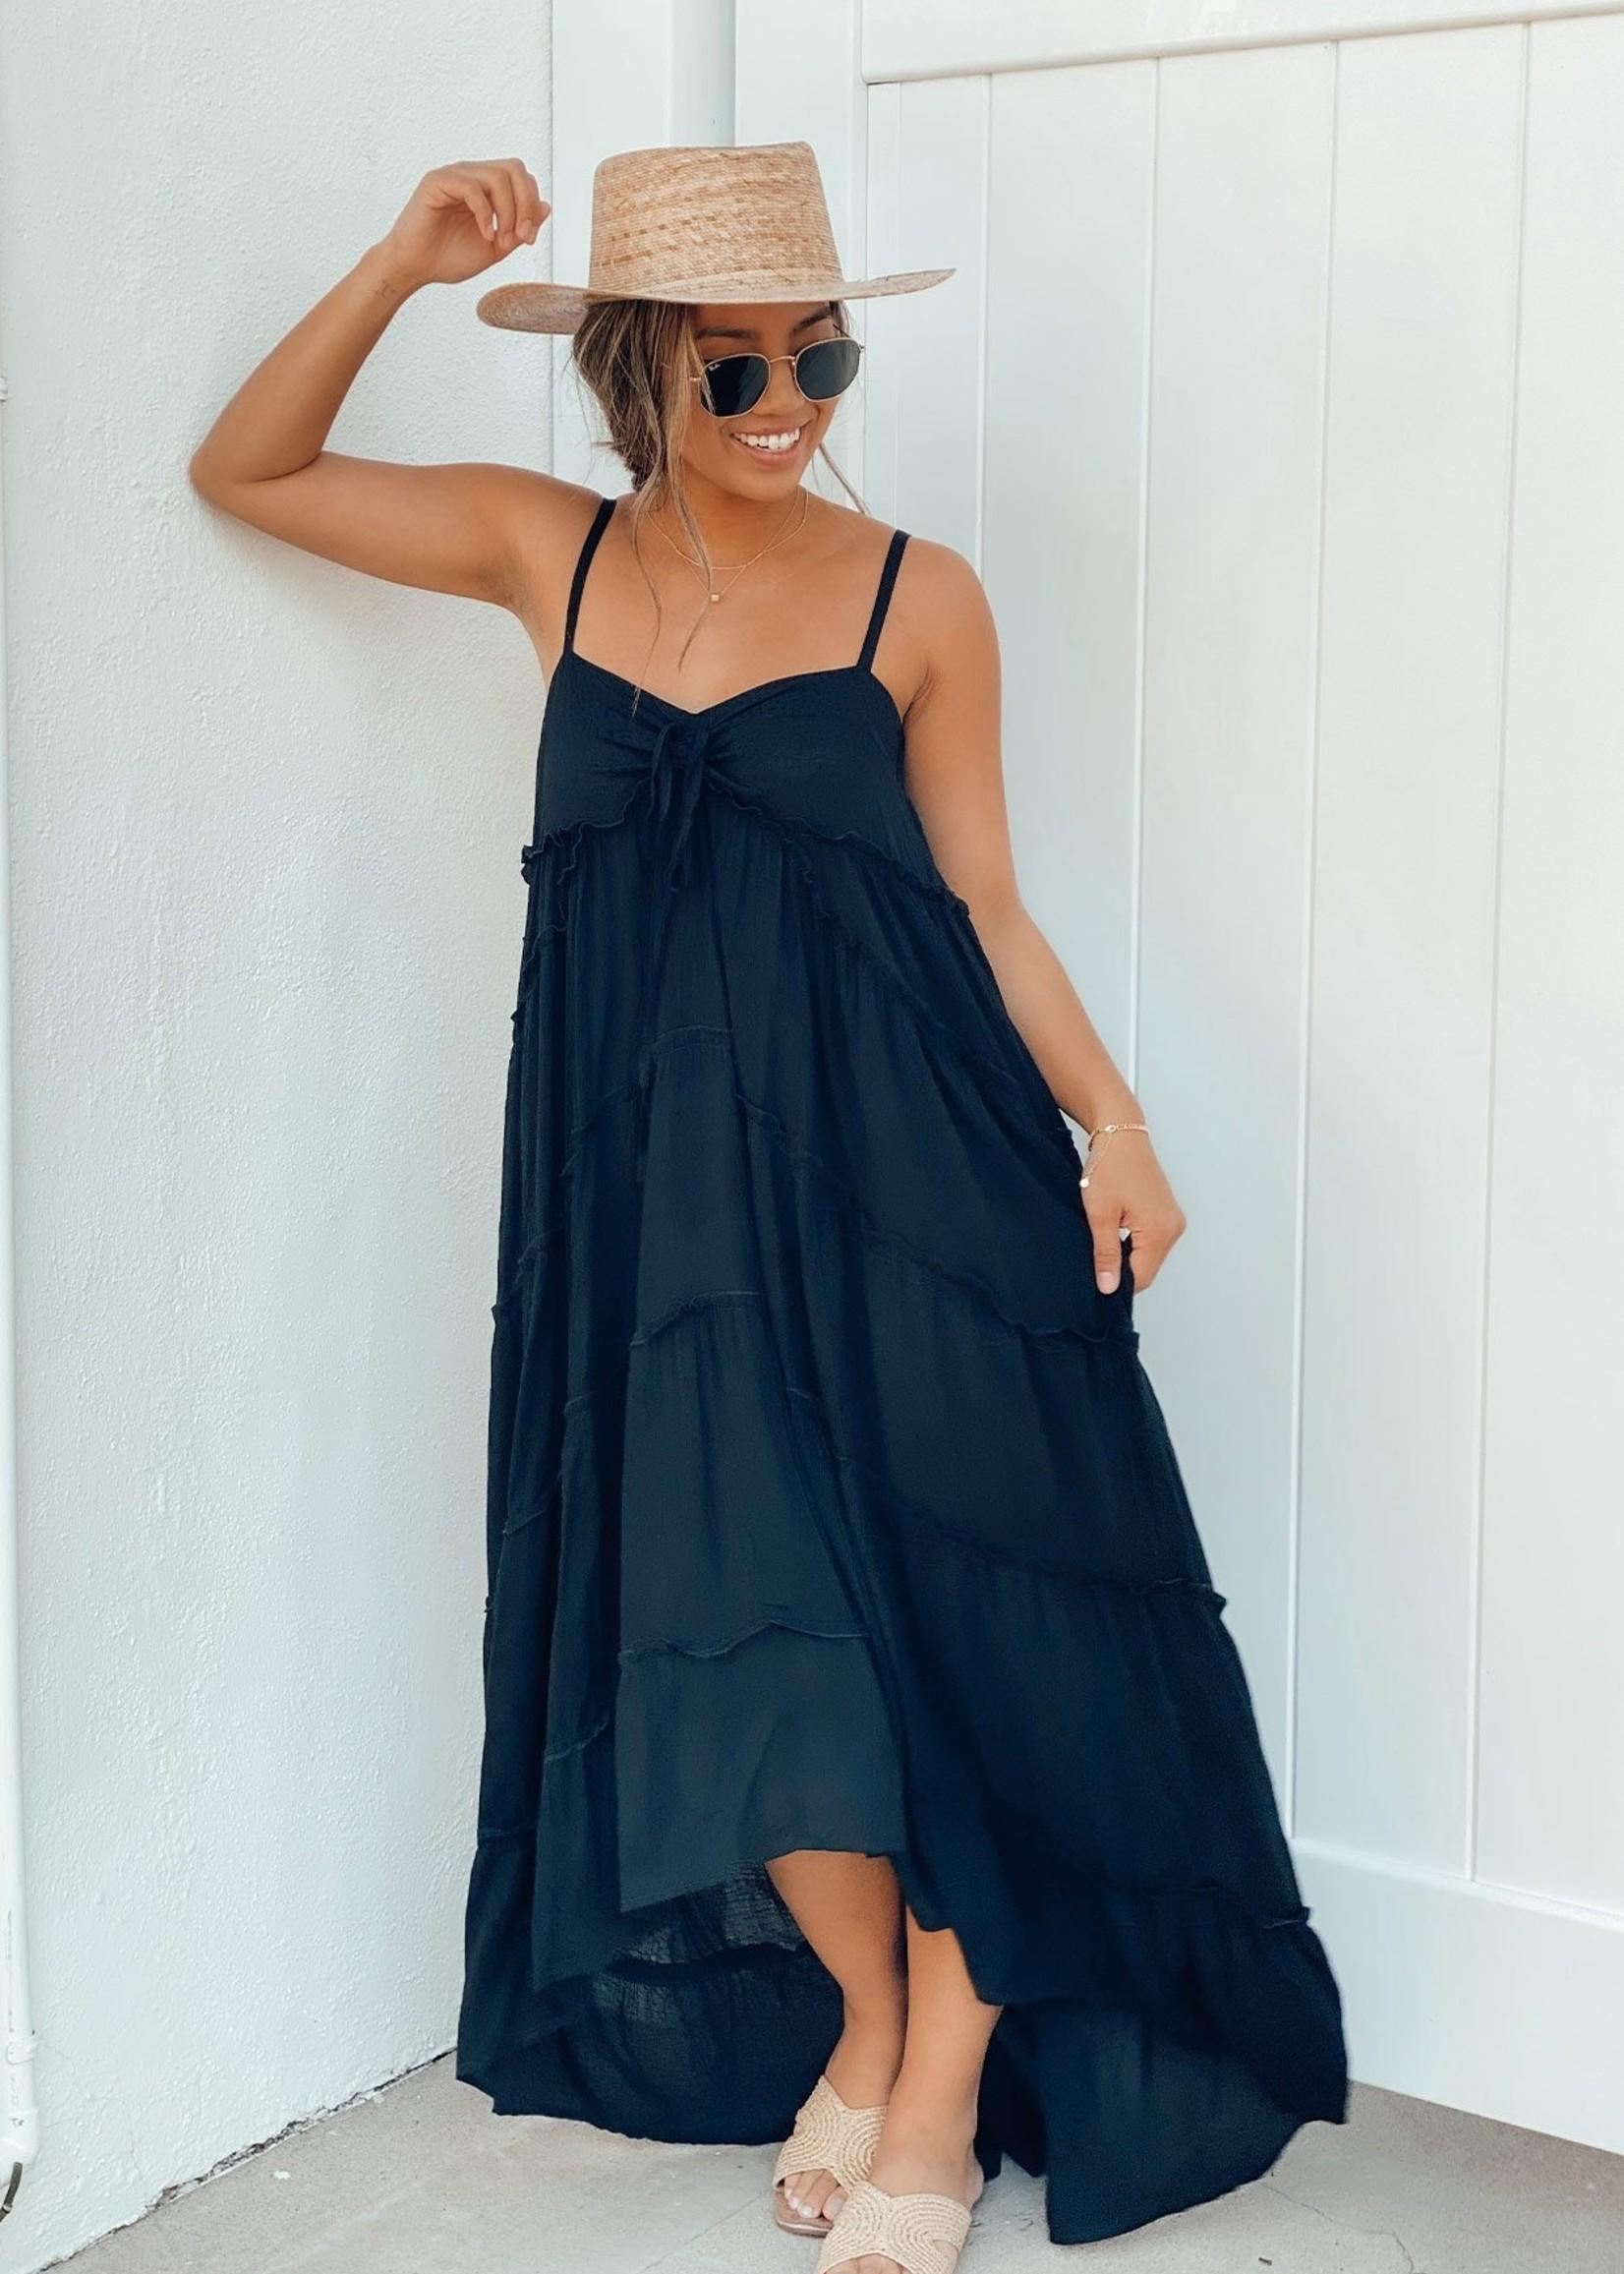 Low Tide Tiered Maxi Dress